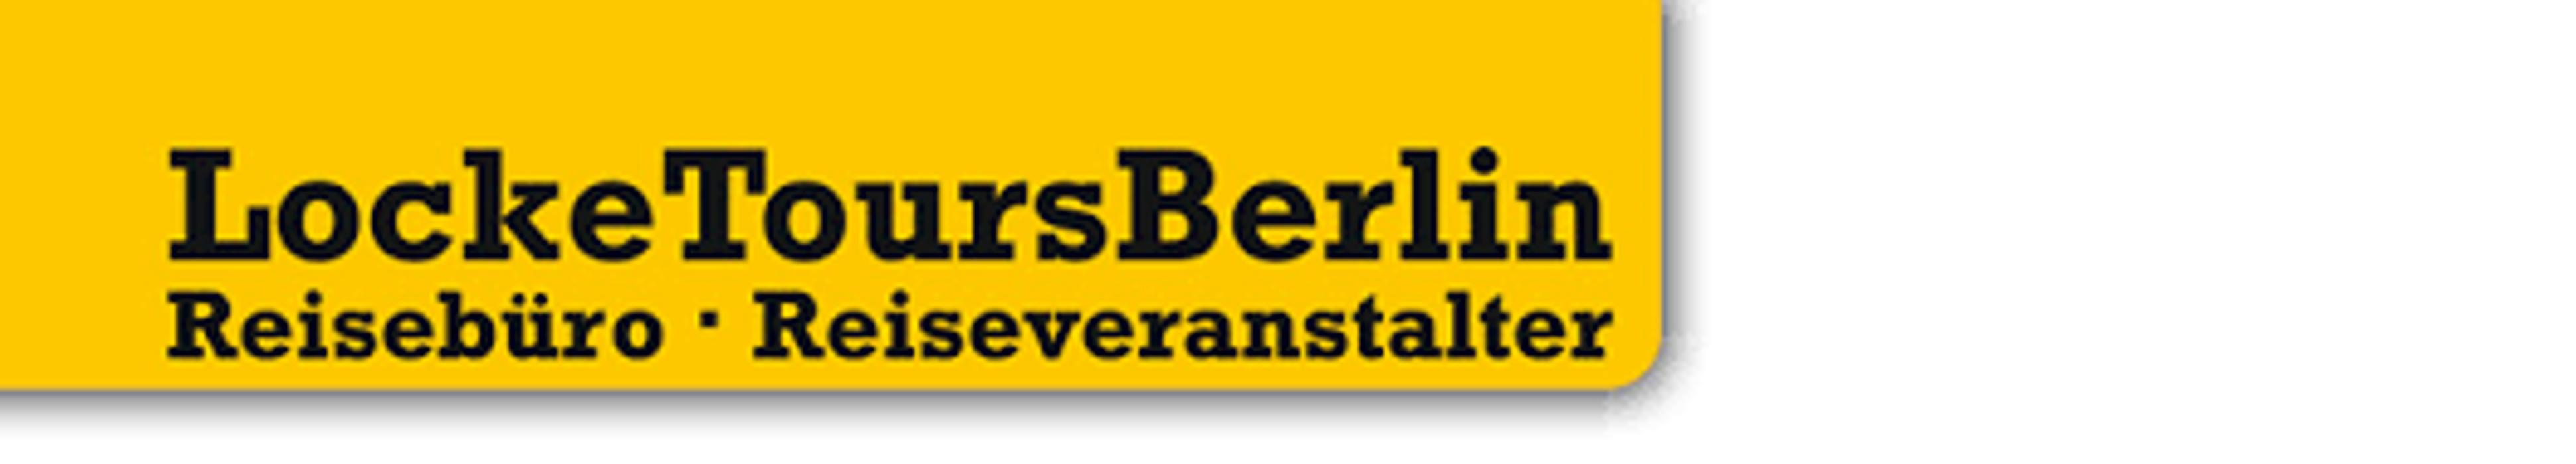 Locke Tours Berlin